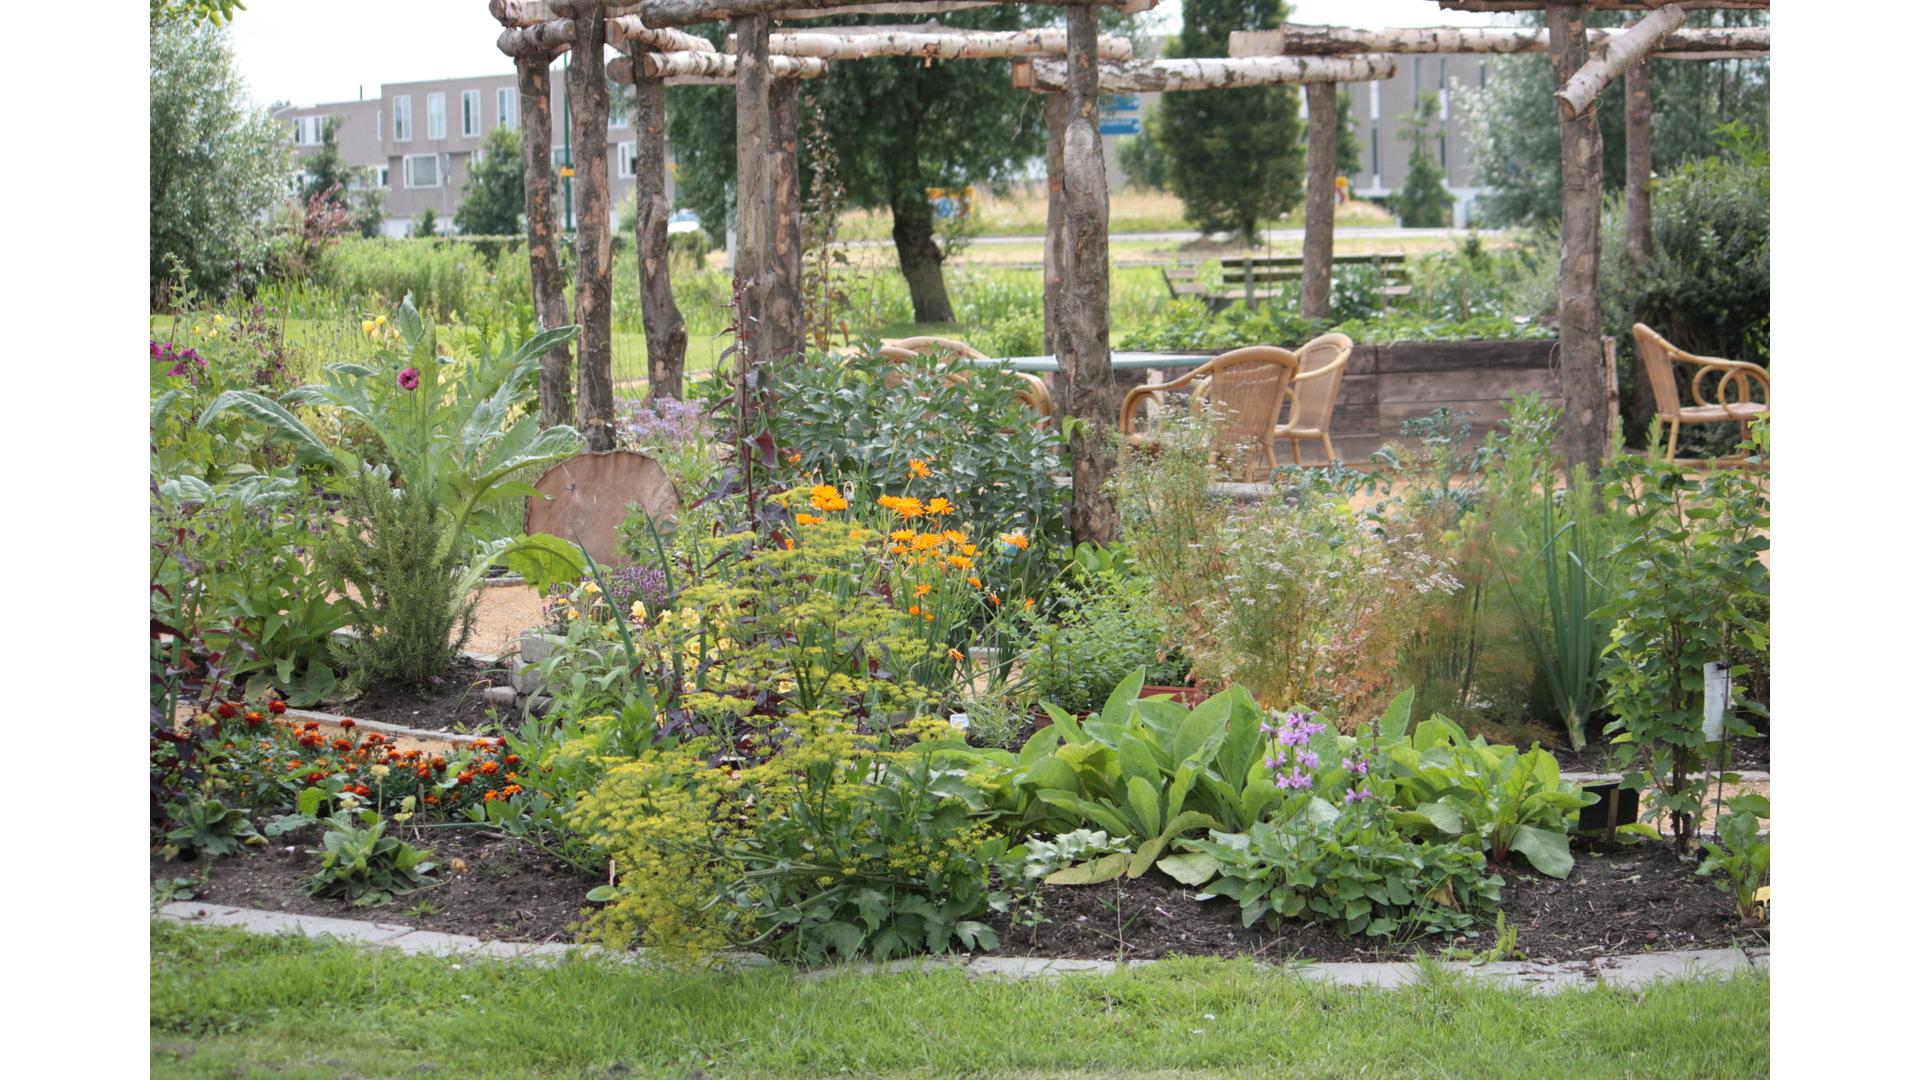 Eetbaar IJsselstein, Hooghe Camp tuin, tuinieren, natuur, IJsselstein, duurzaam, AxionContinu